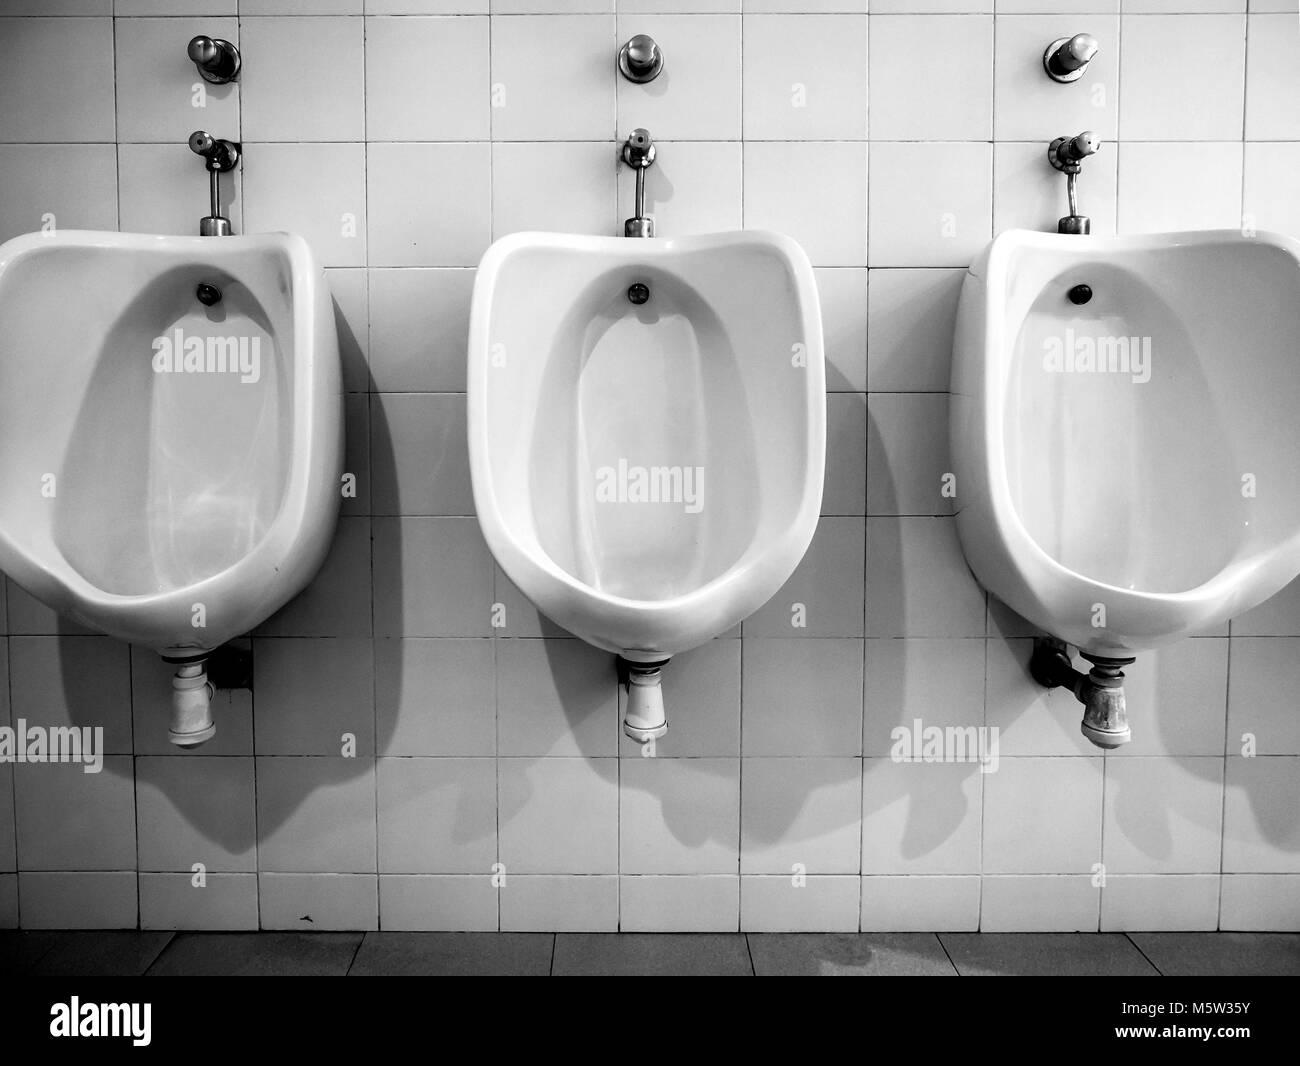 Urinarios o mingitorio. Baeza. Jaén. Andalucía. España Imagen De Stock